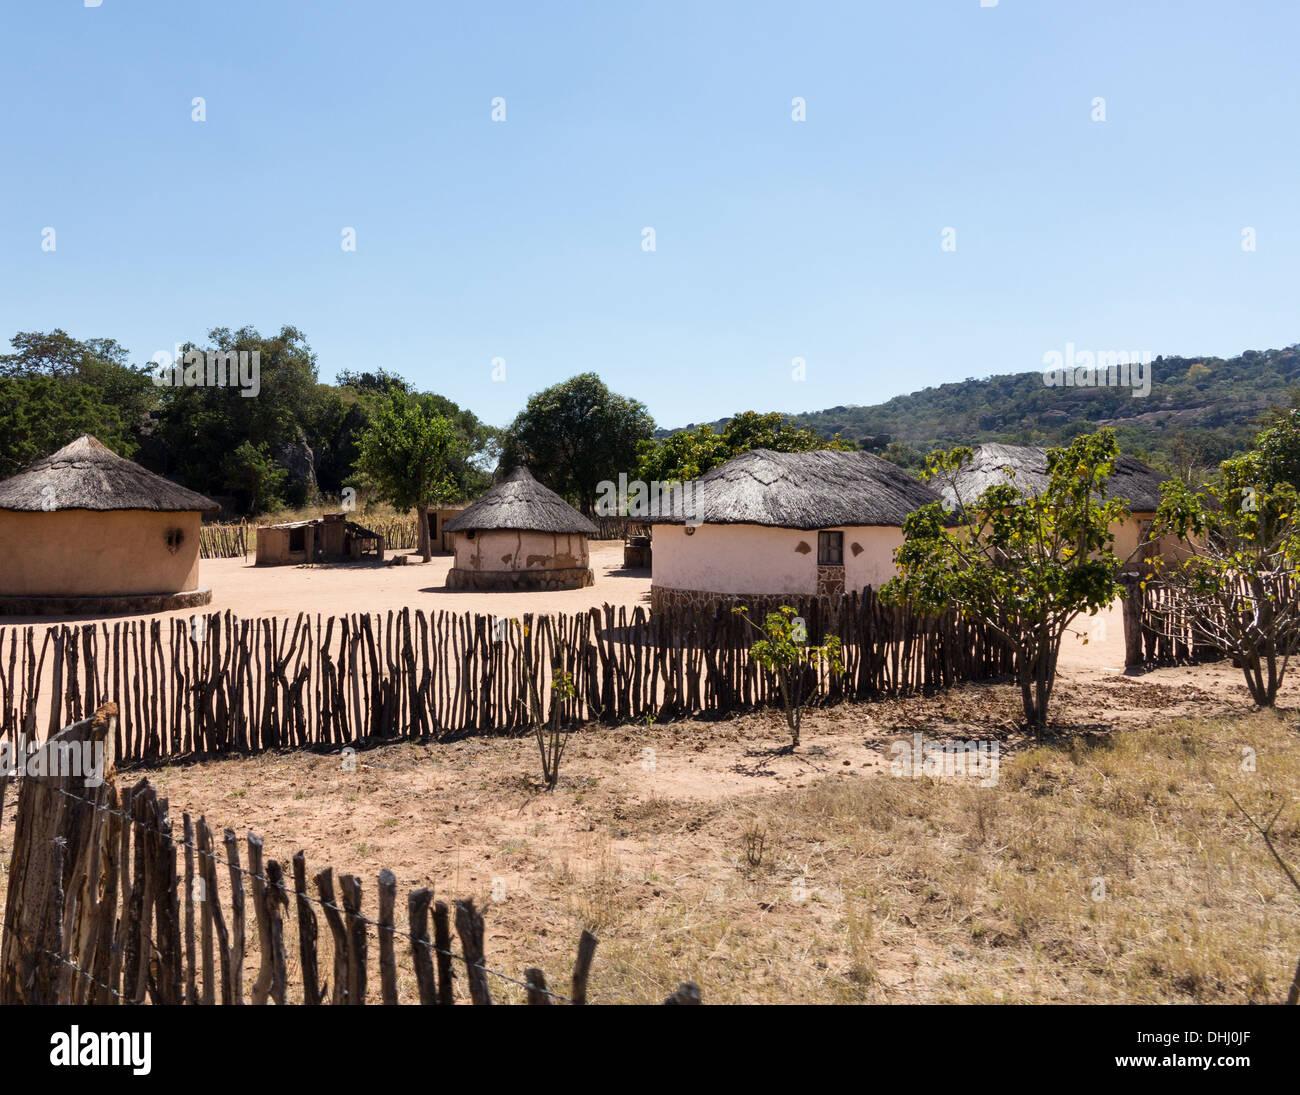 Vista dal tetto di paglia case di fango nel tipico villaggio africano in Zimbabwe, Africa Immagini Stock